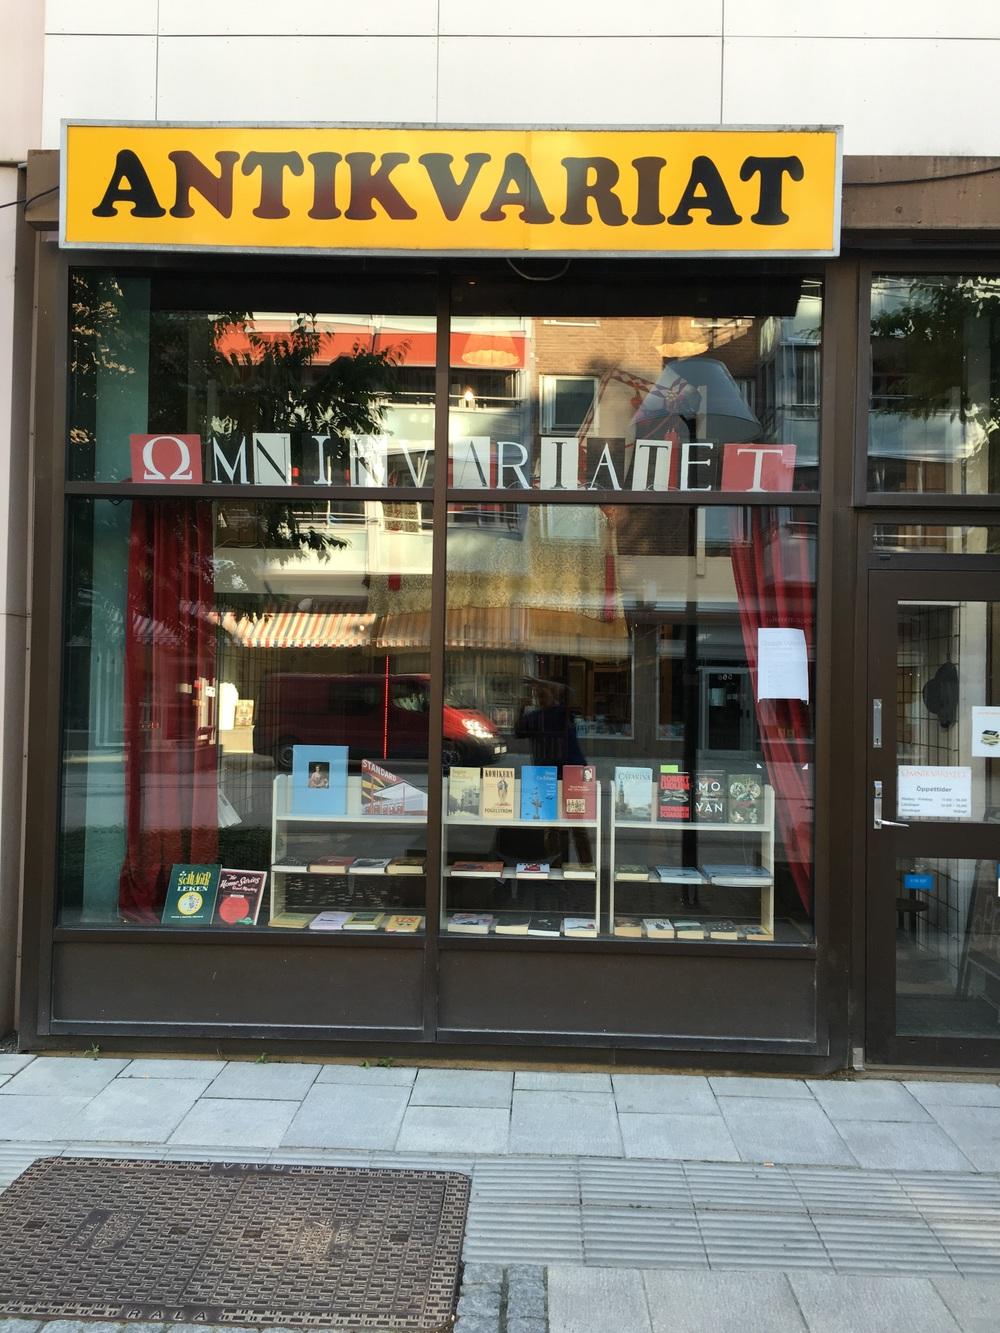 Omnikvariatet, Uppsala